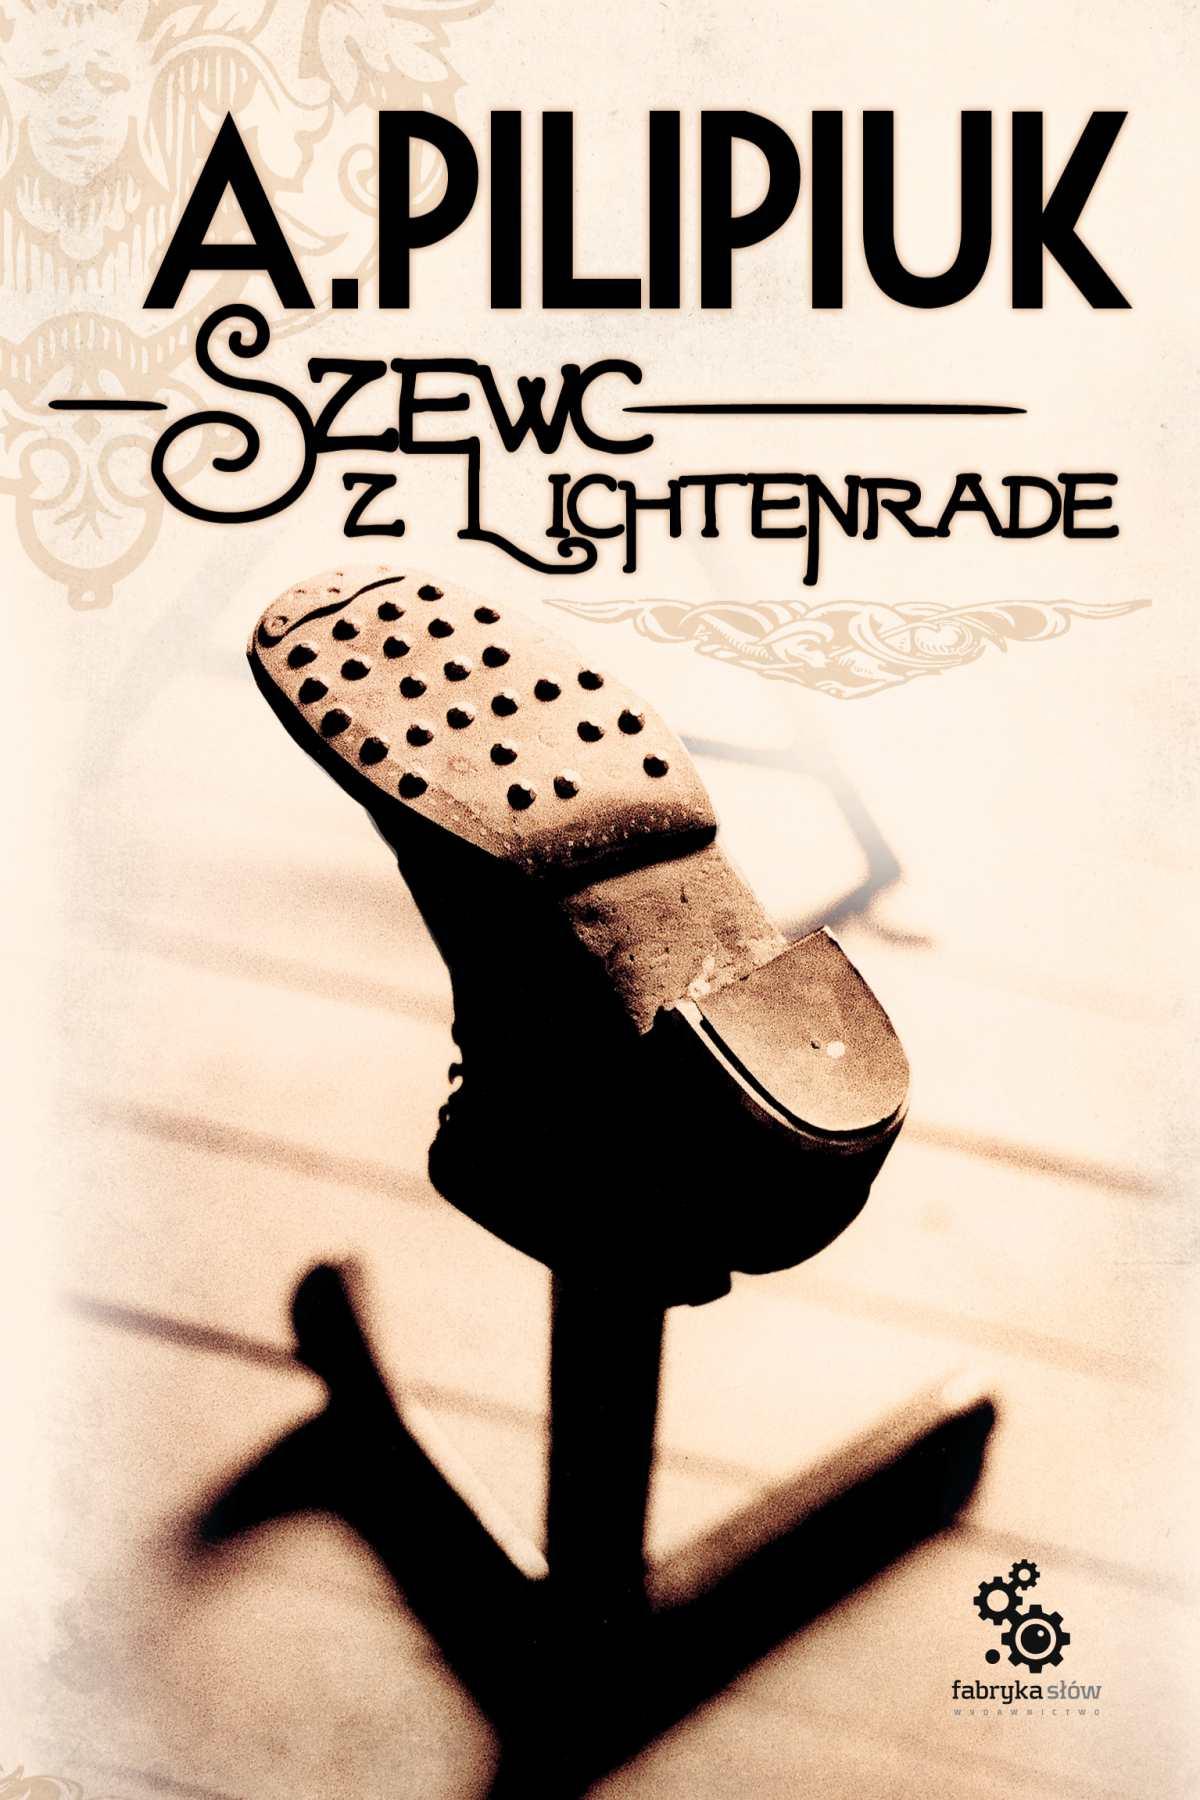 Szewc z Lichtenrade - Ebook (Książka na Kindle) do pobrania w formacie MOBI